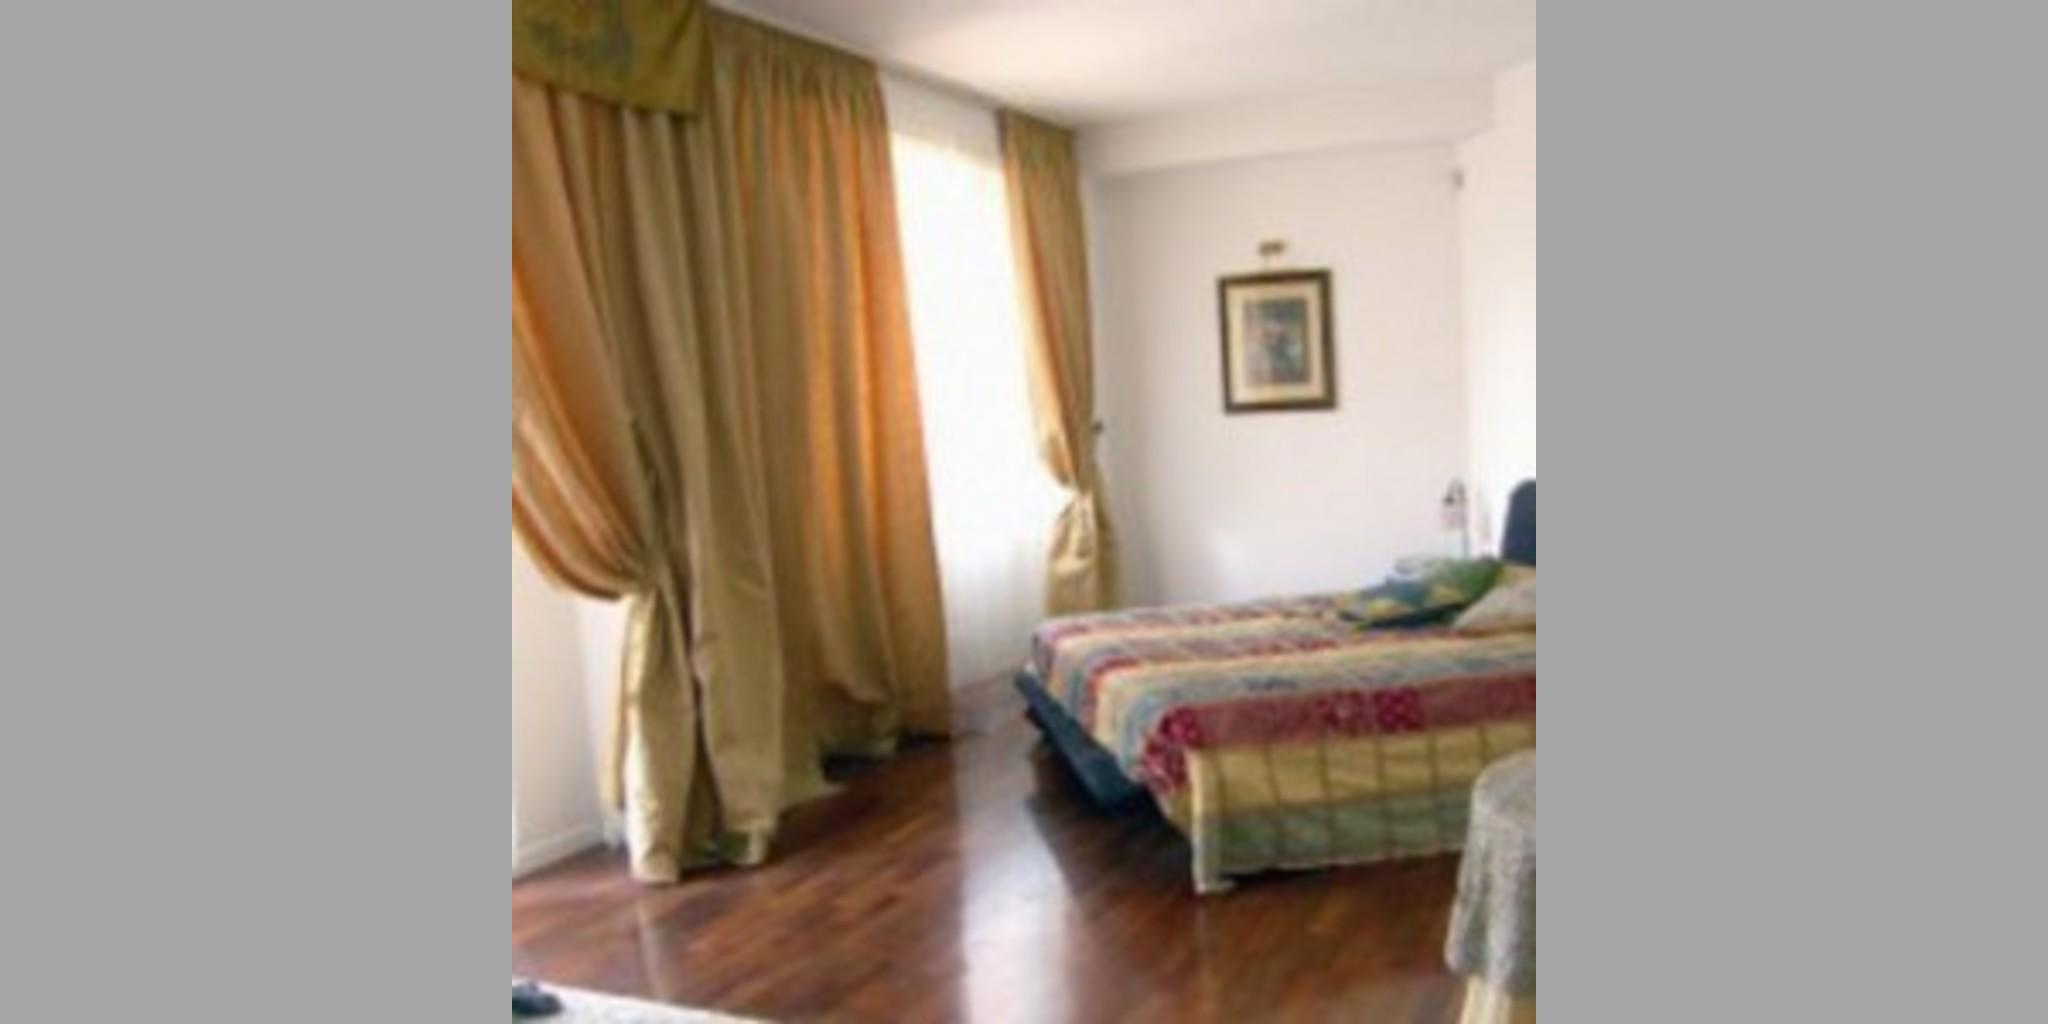 Bed & Breakfast Civitanova Marche - Civitanova Marche